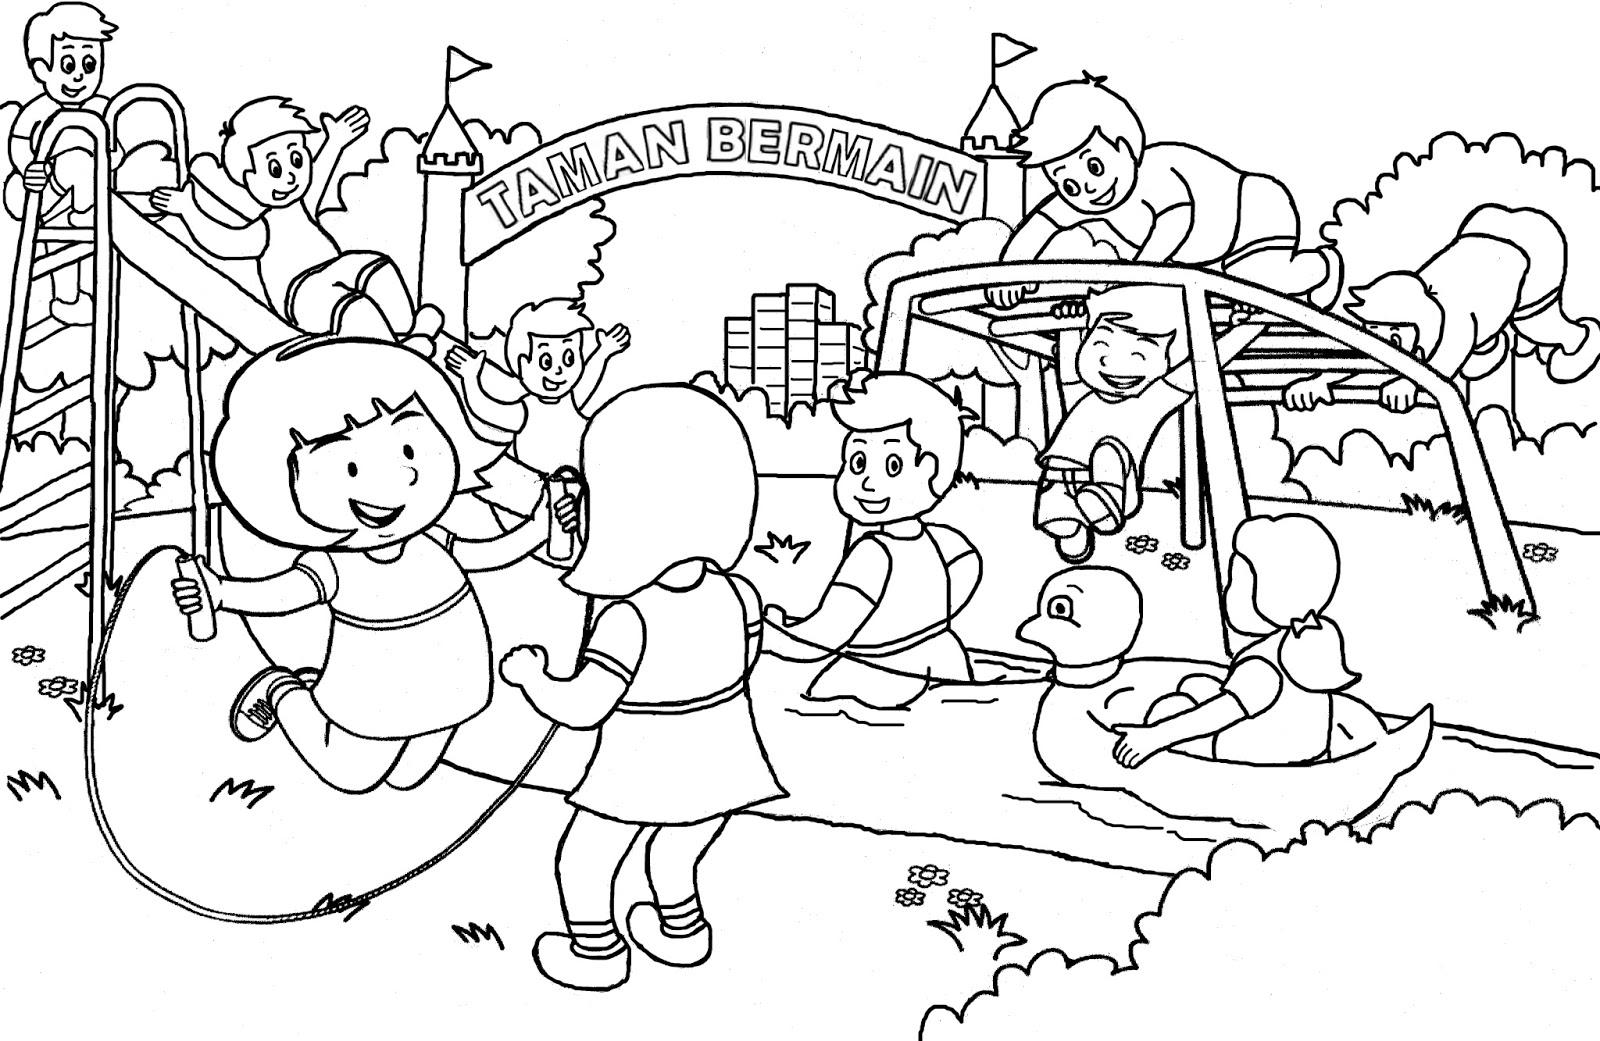 1 Gambar Mewarnai Anak Anak Bermain di Taman Bermain Colouring Children Playing in The Playing Park